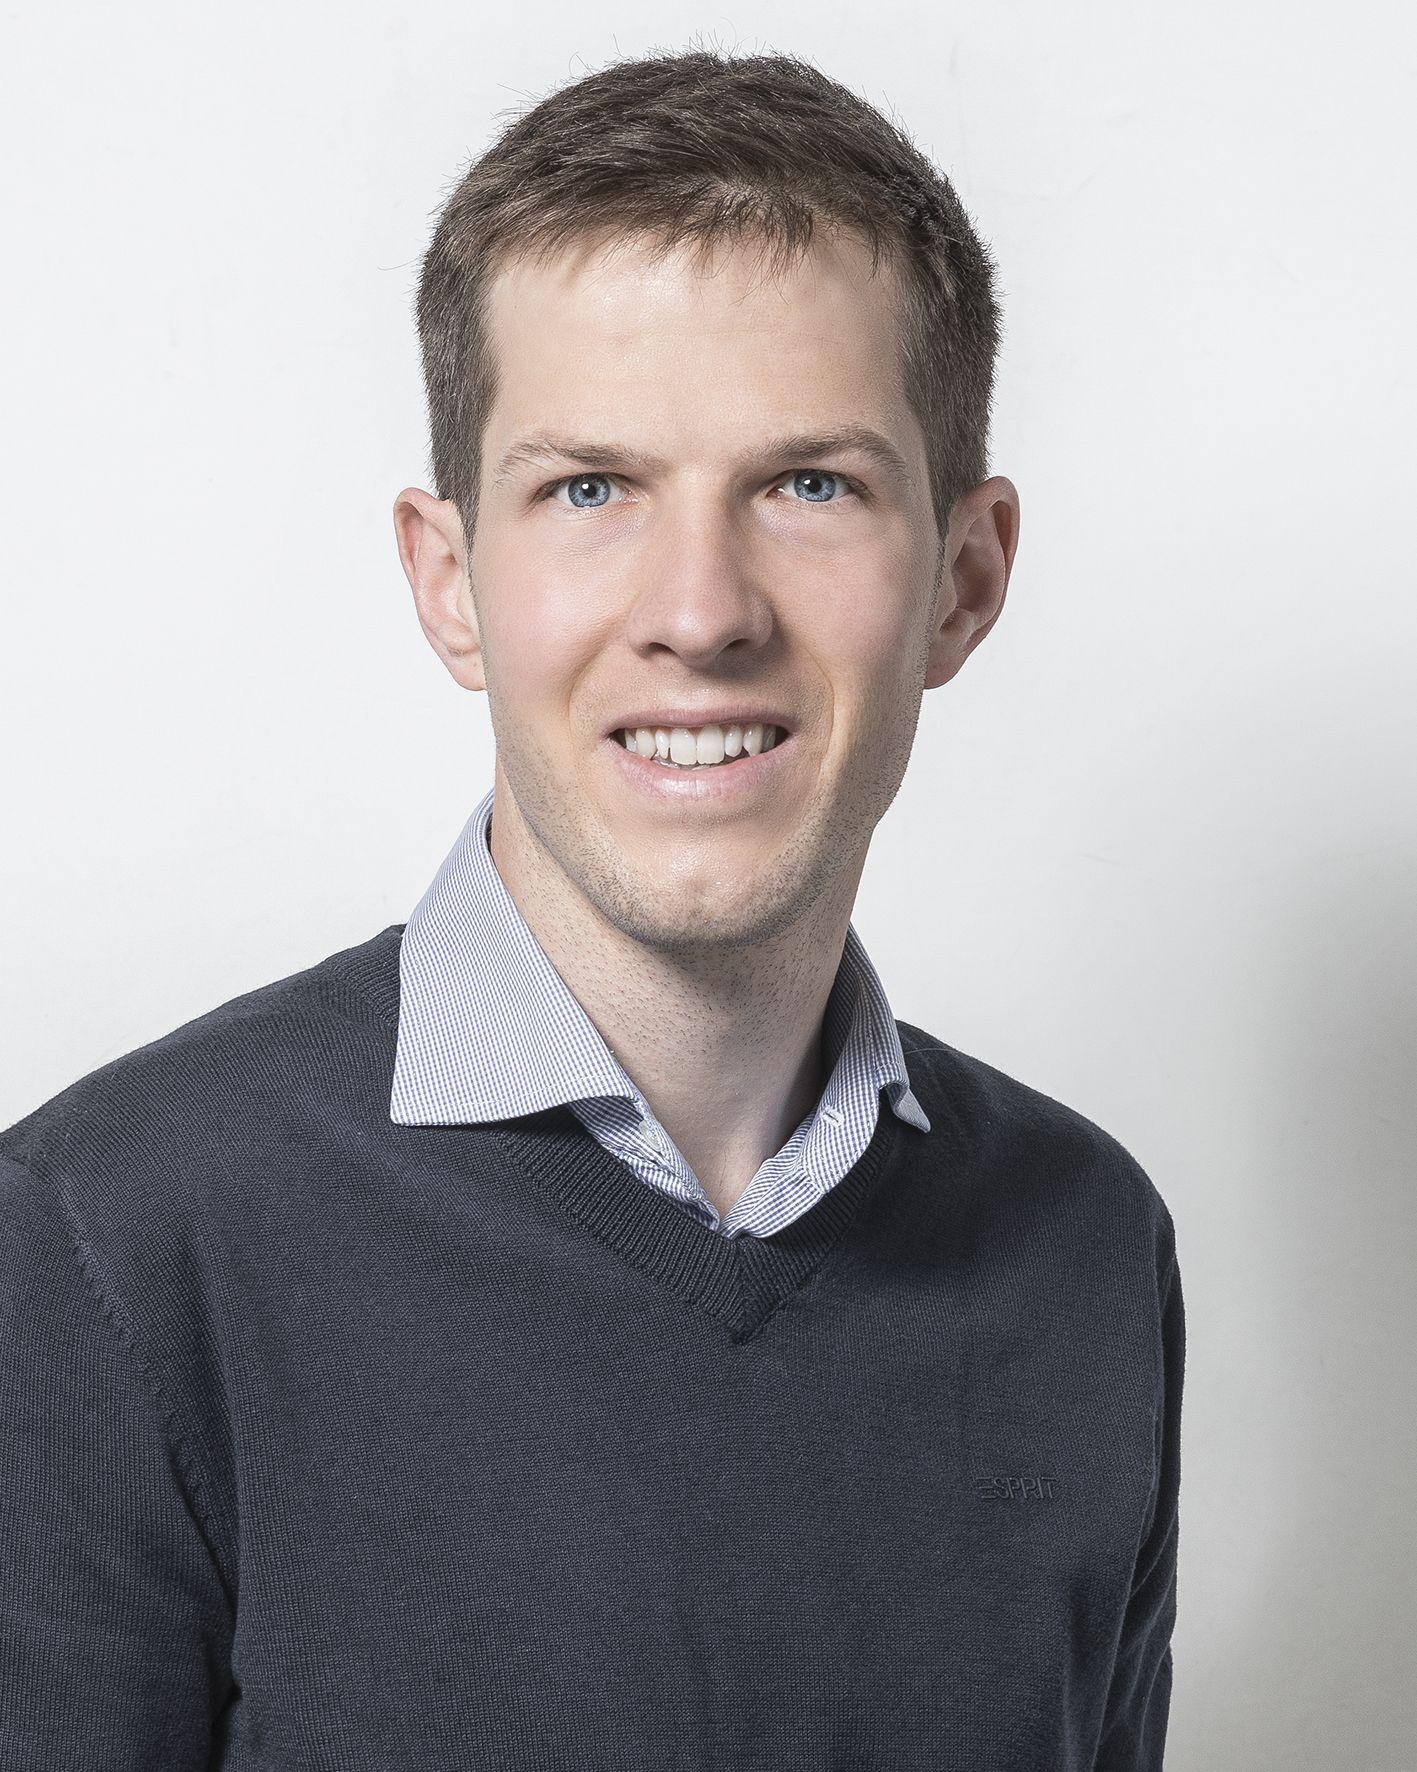 Levi Meisterhans